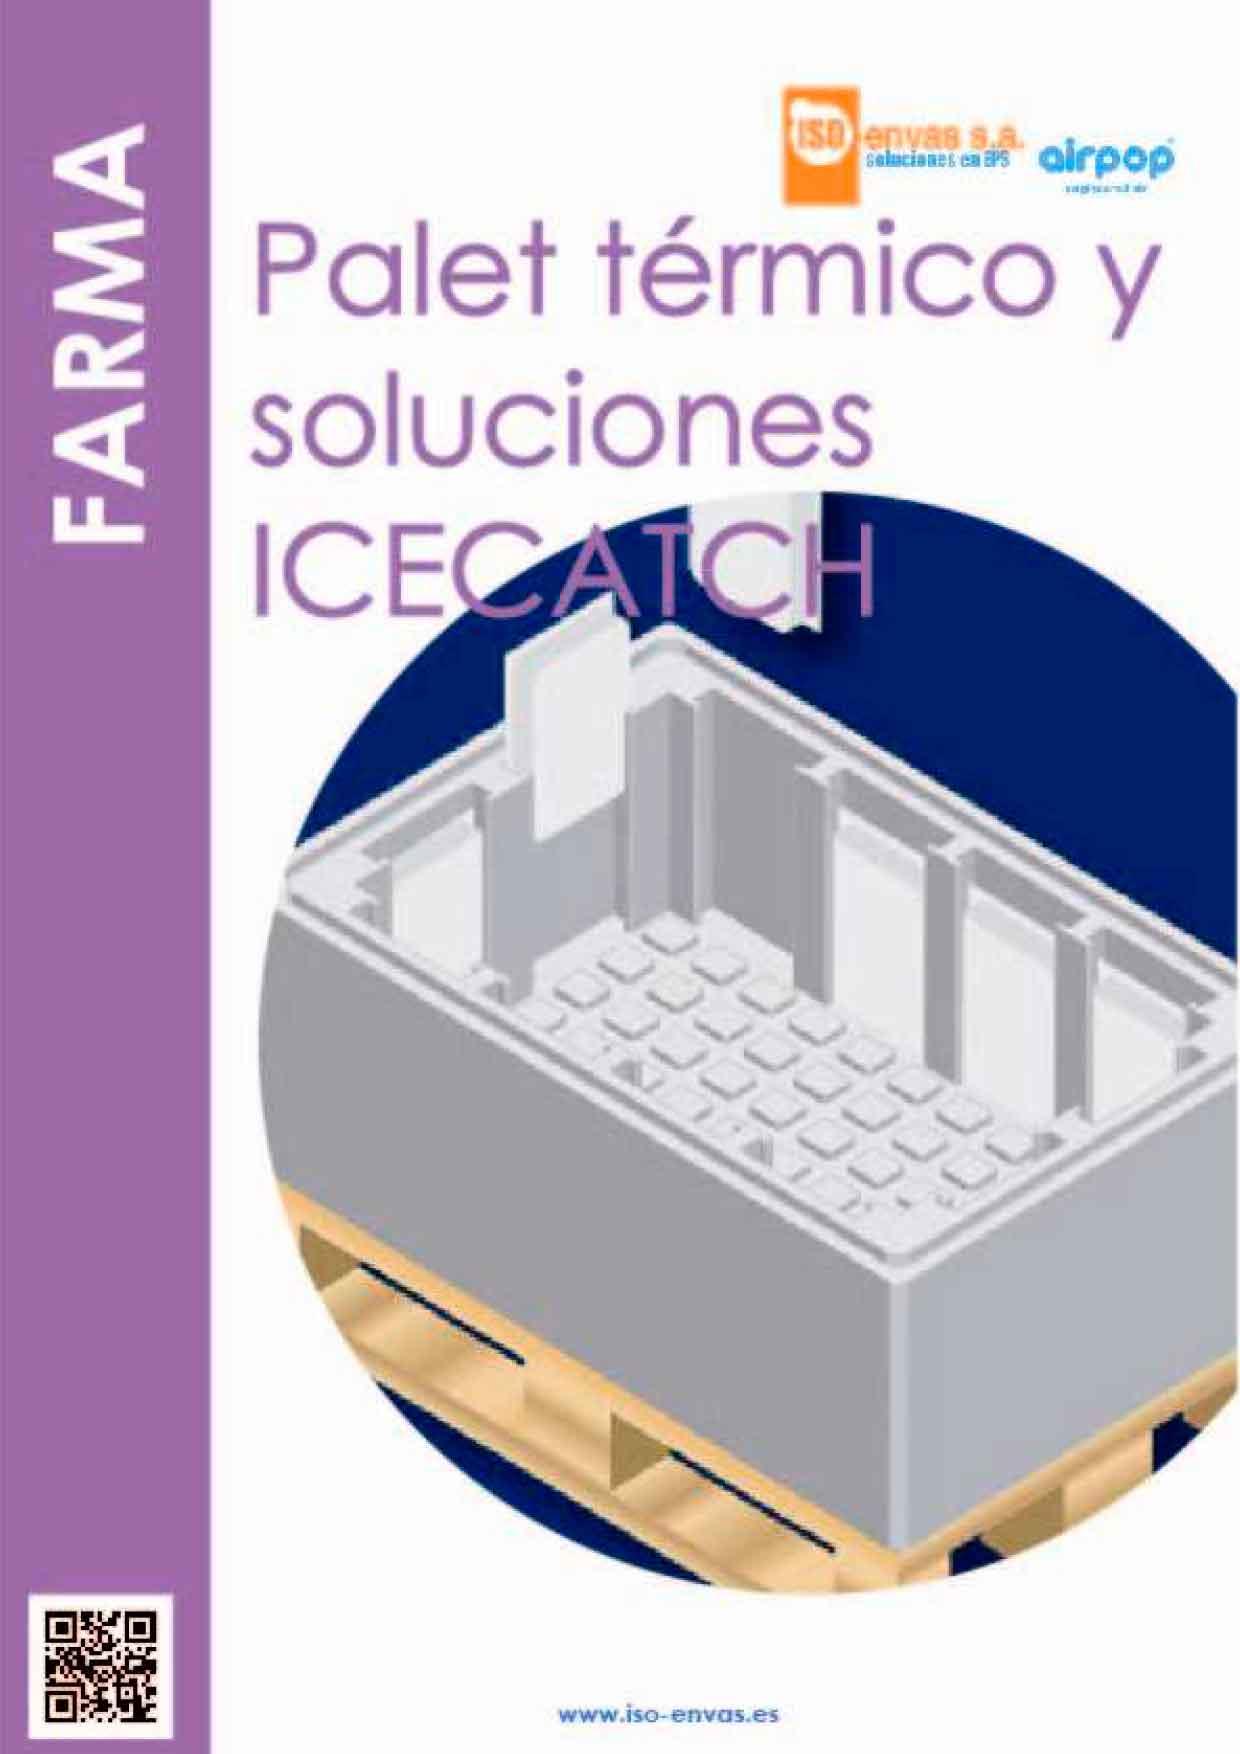 04-2_FARMA_PALET_TERMICO_Y_SOLUCIONES_-ICECATCH-1